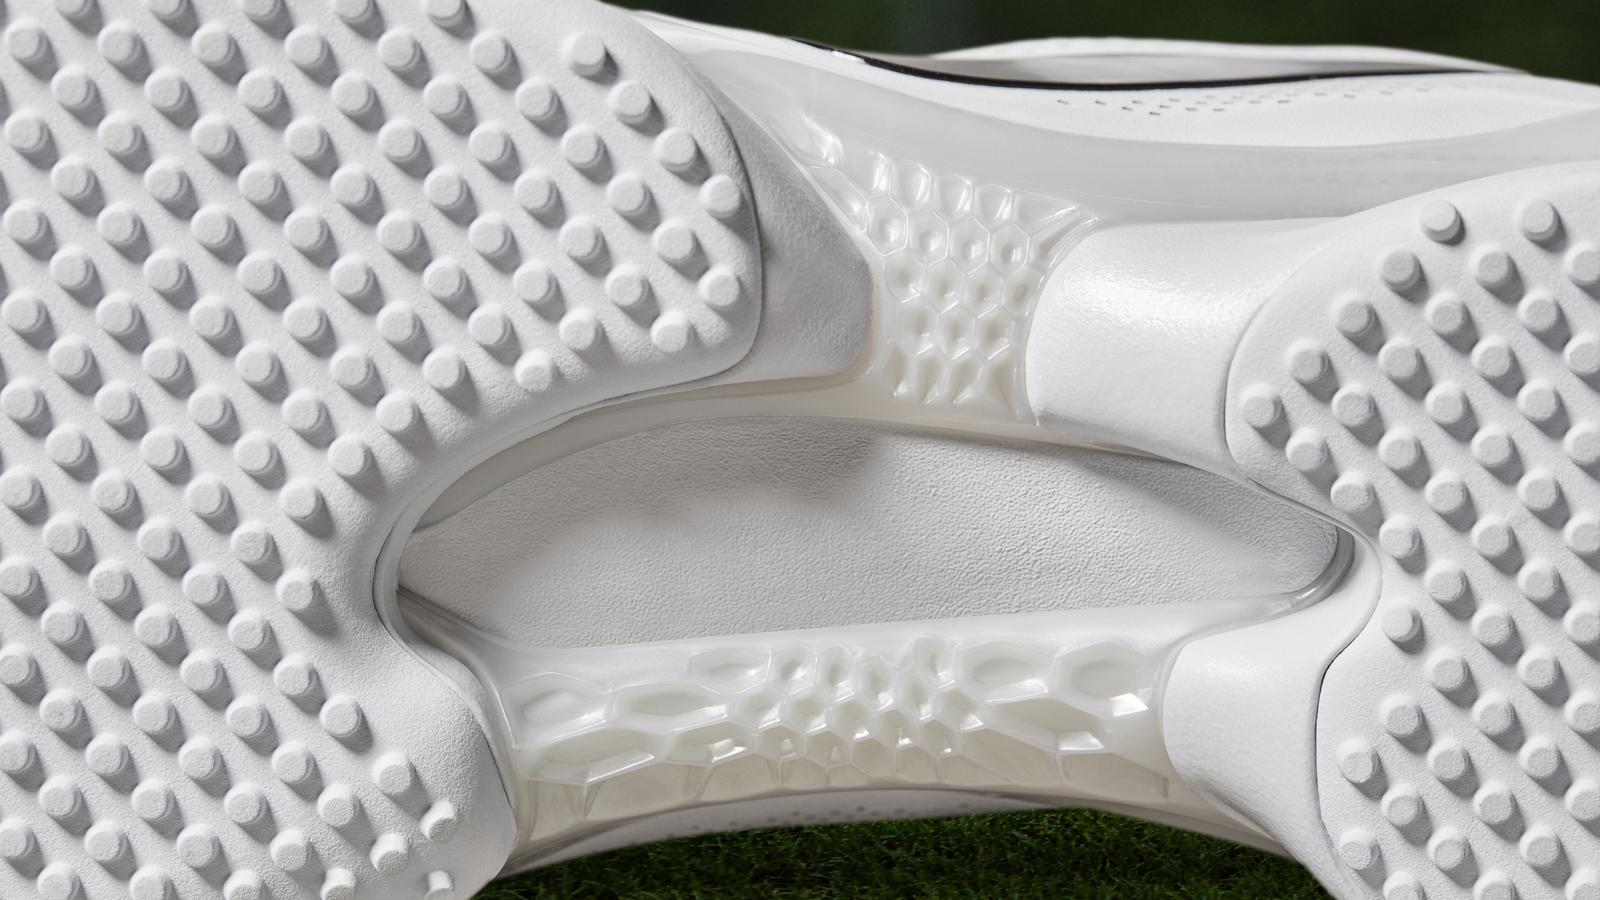 NikeCourt Air Zoom Ultrafly Grass